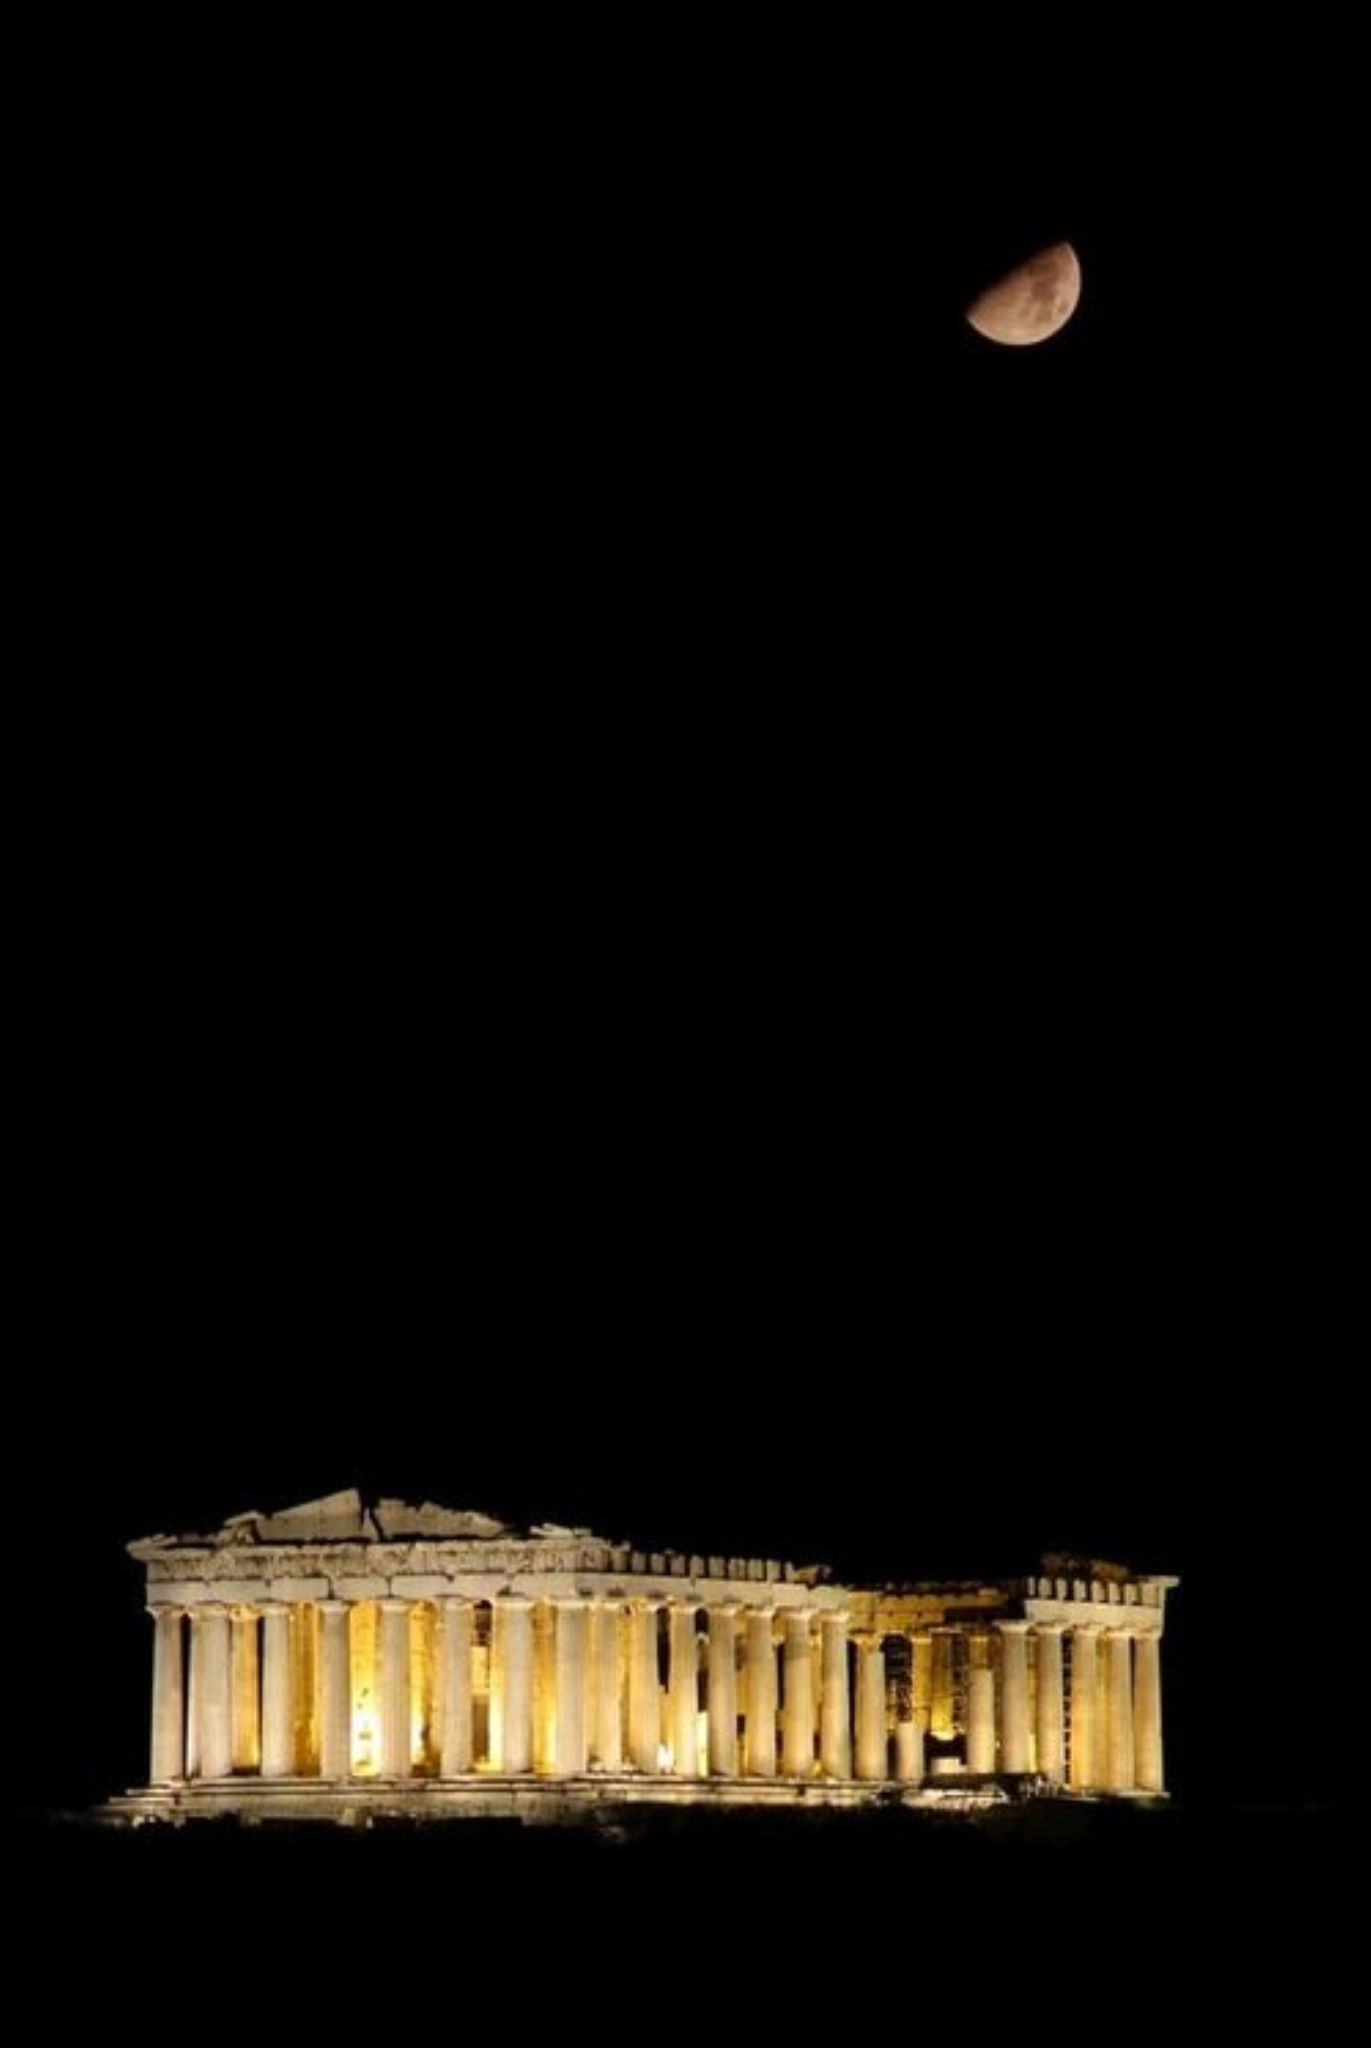 Parthenon, Acropolis, Athens, Greece by kasiospaul